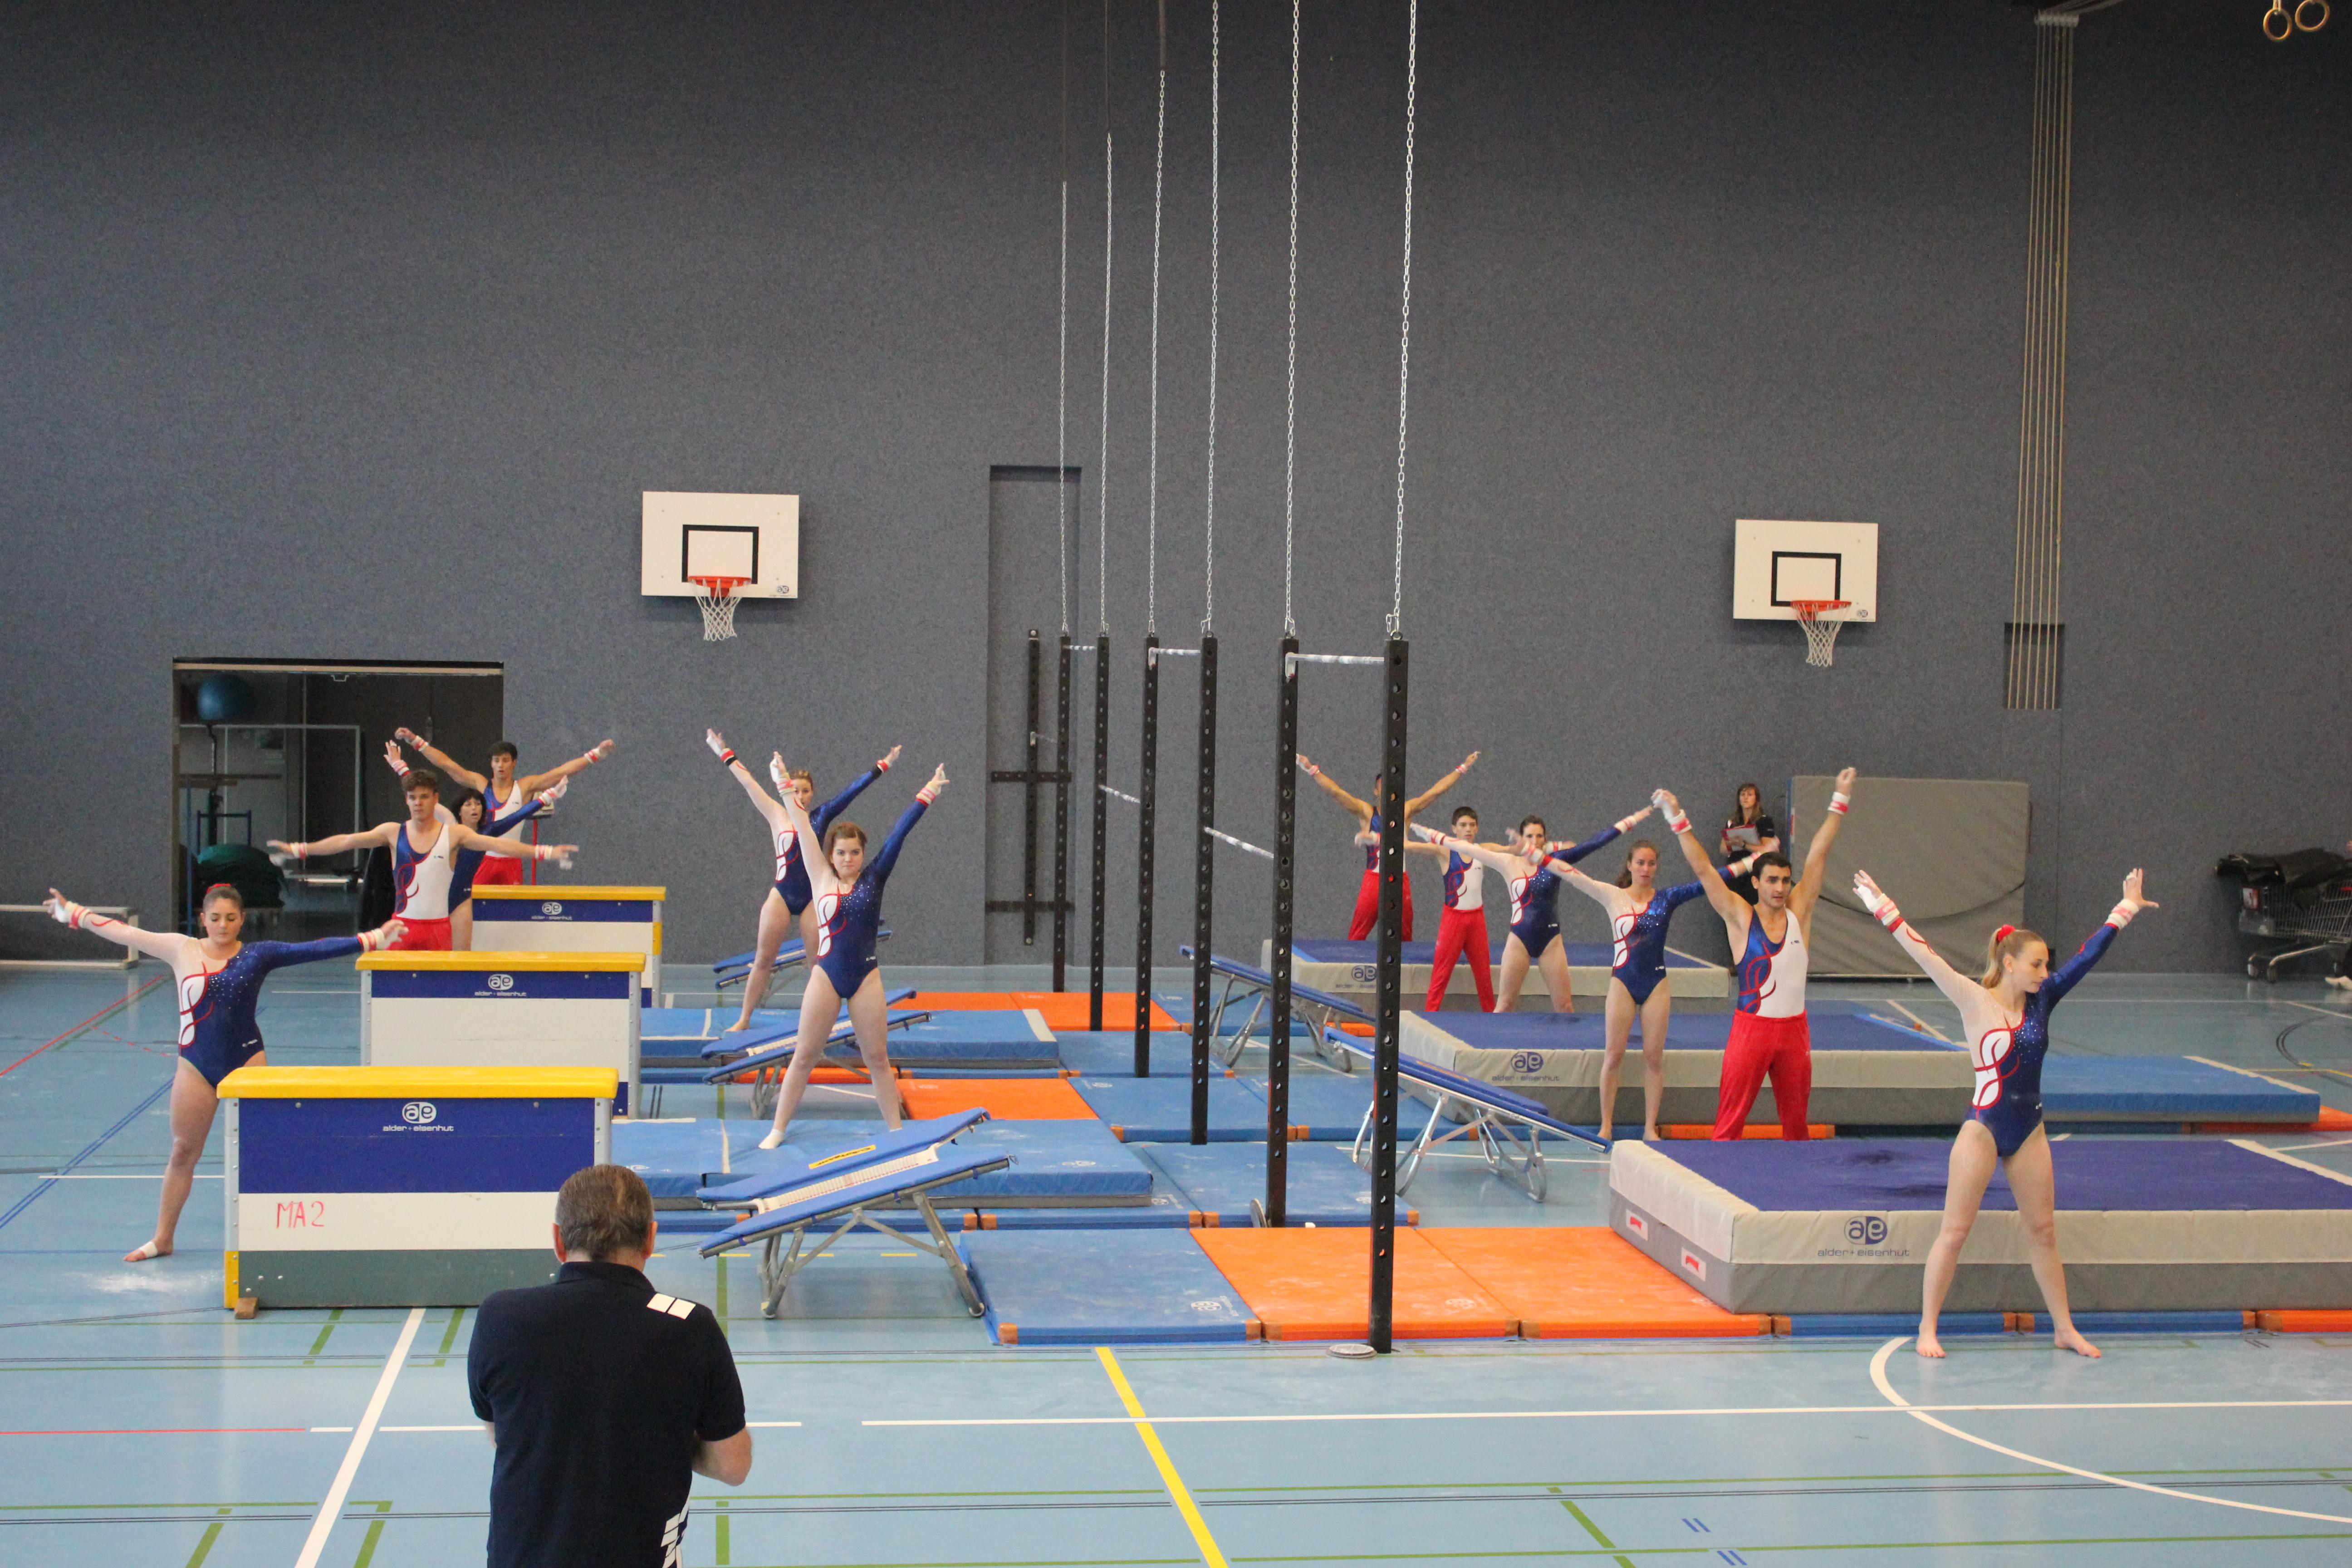 Les actifs placent la barre haut yverdon gym serri res for Barre fixe enfant